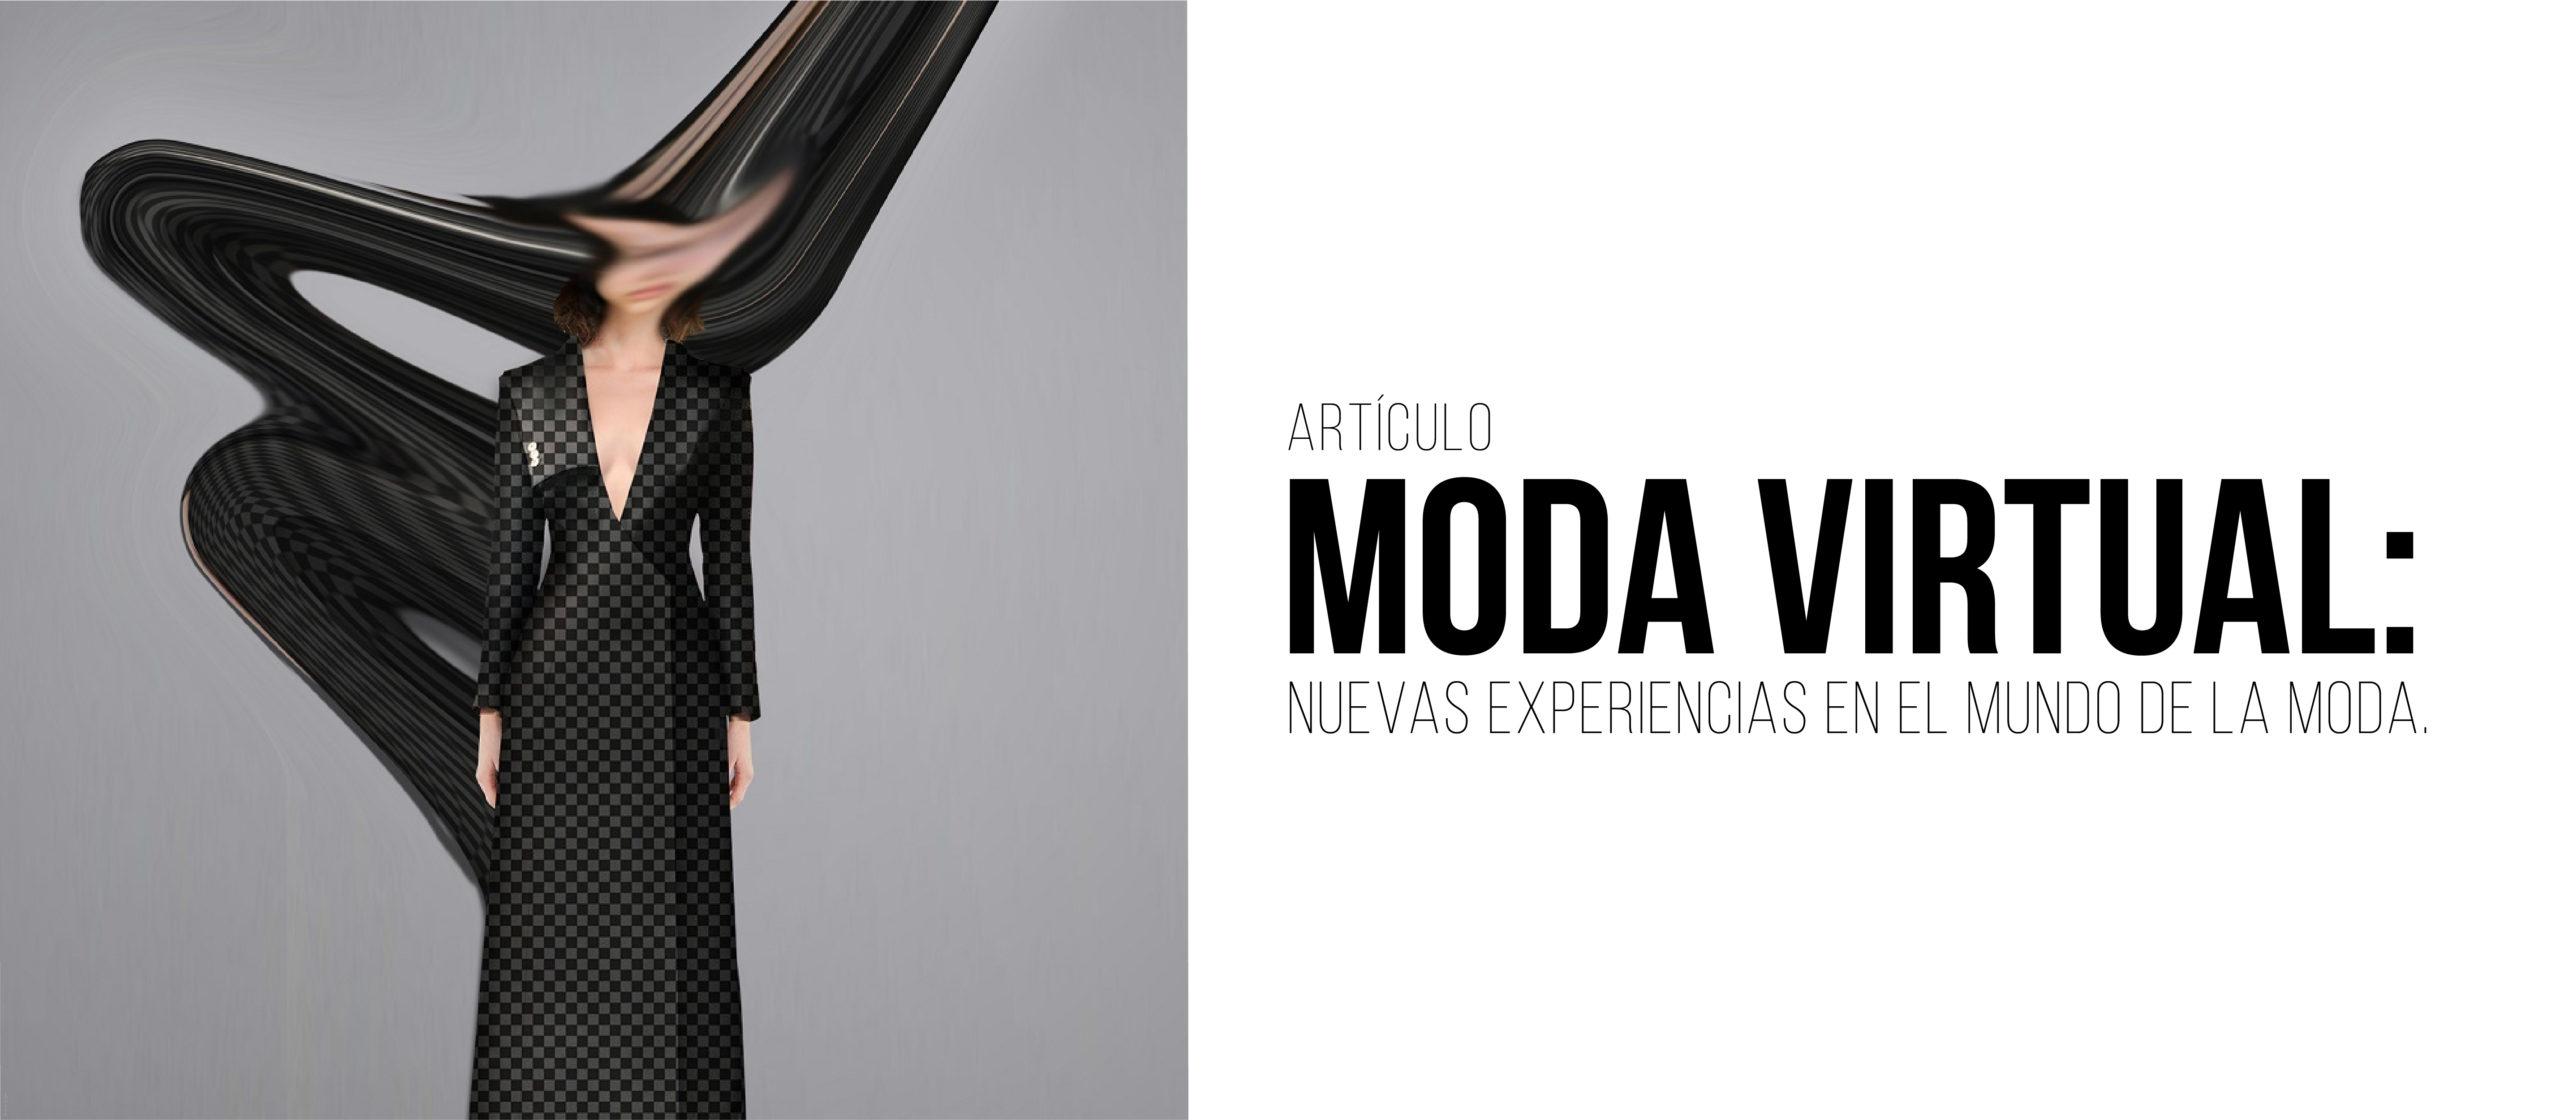 Moda virtual: Nuevas experiencias en la industria de la moda